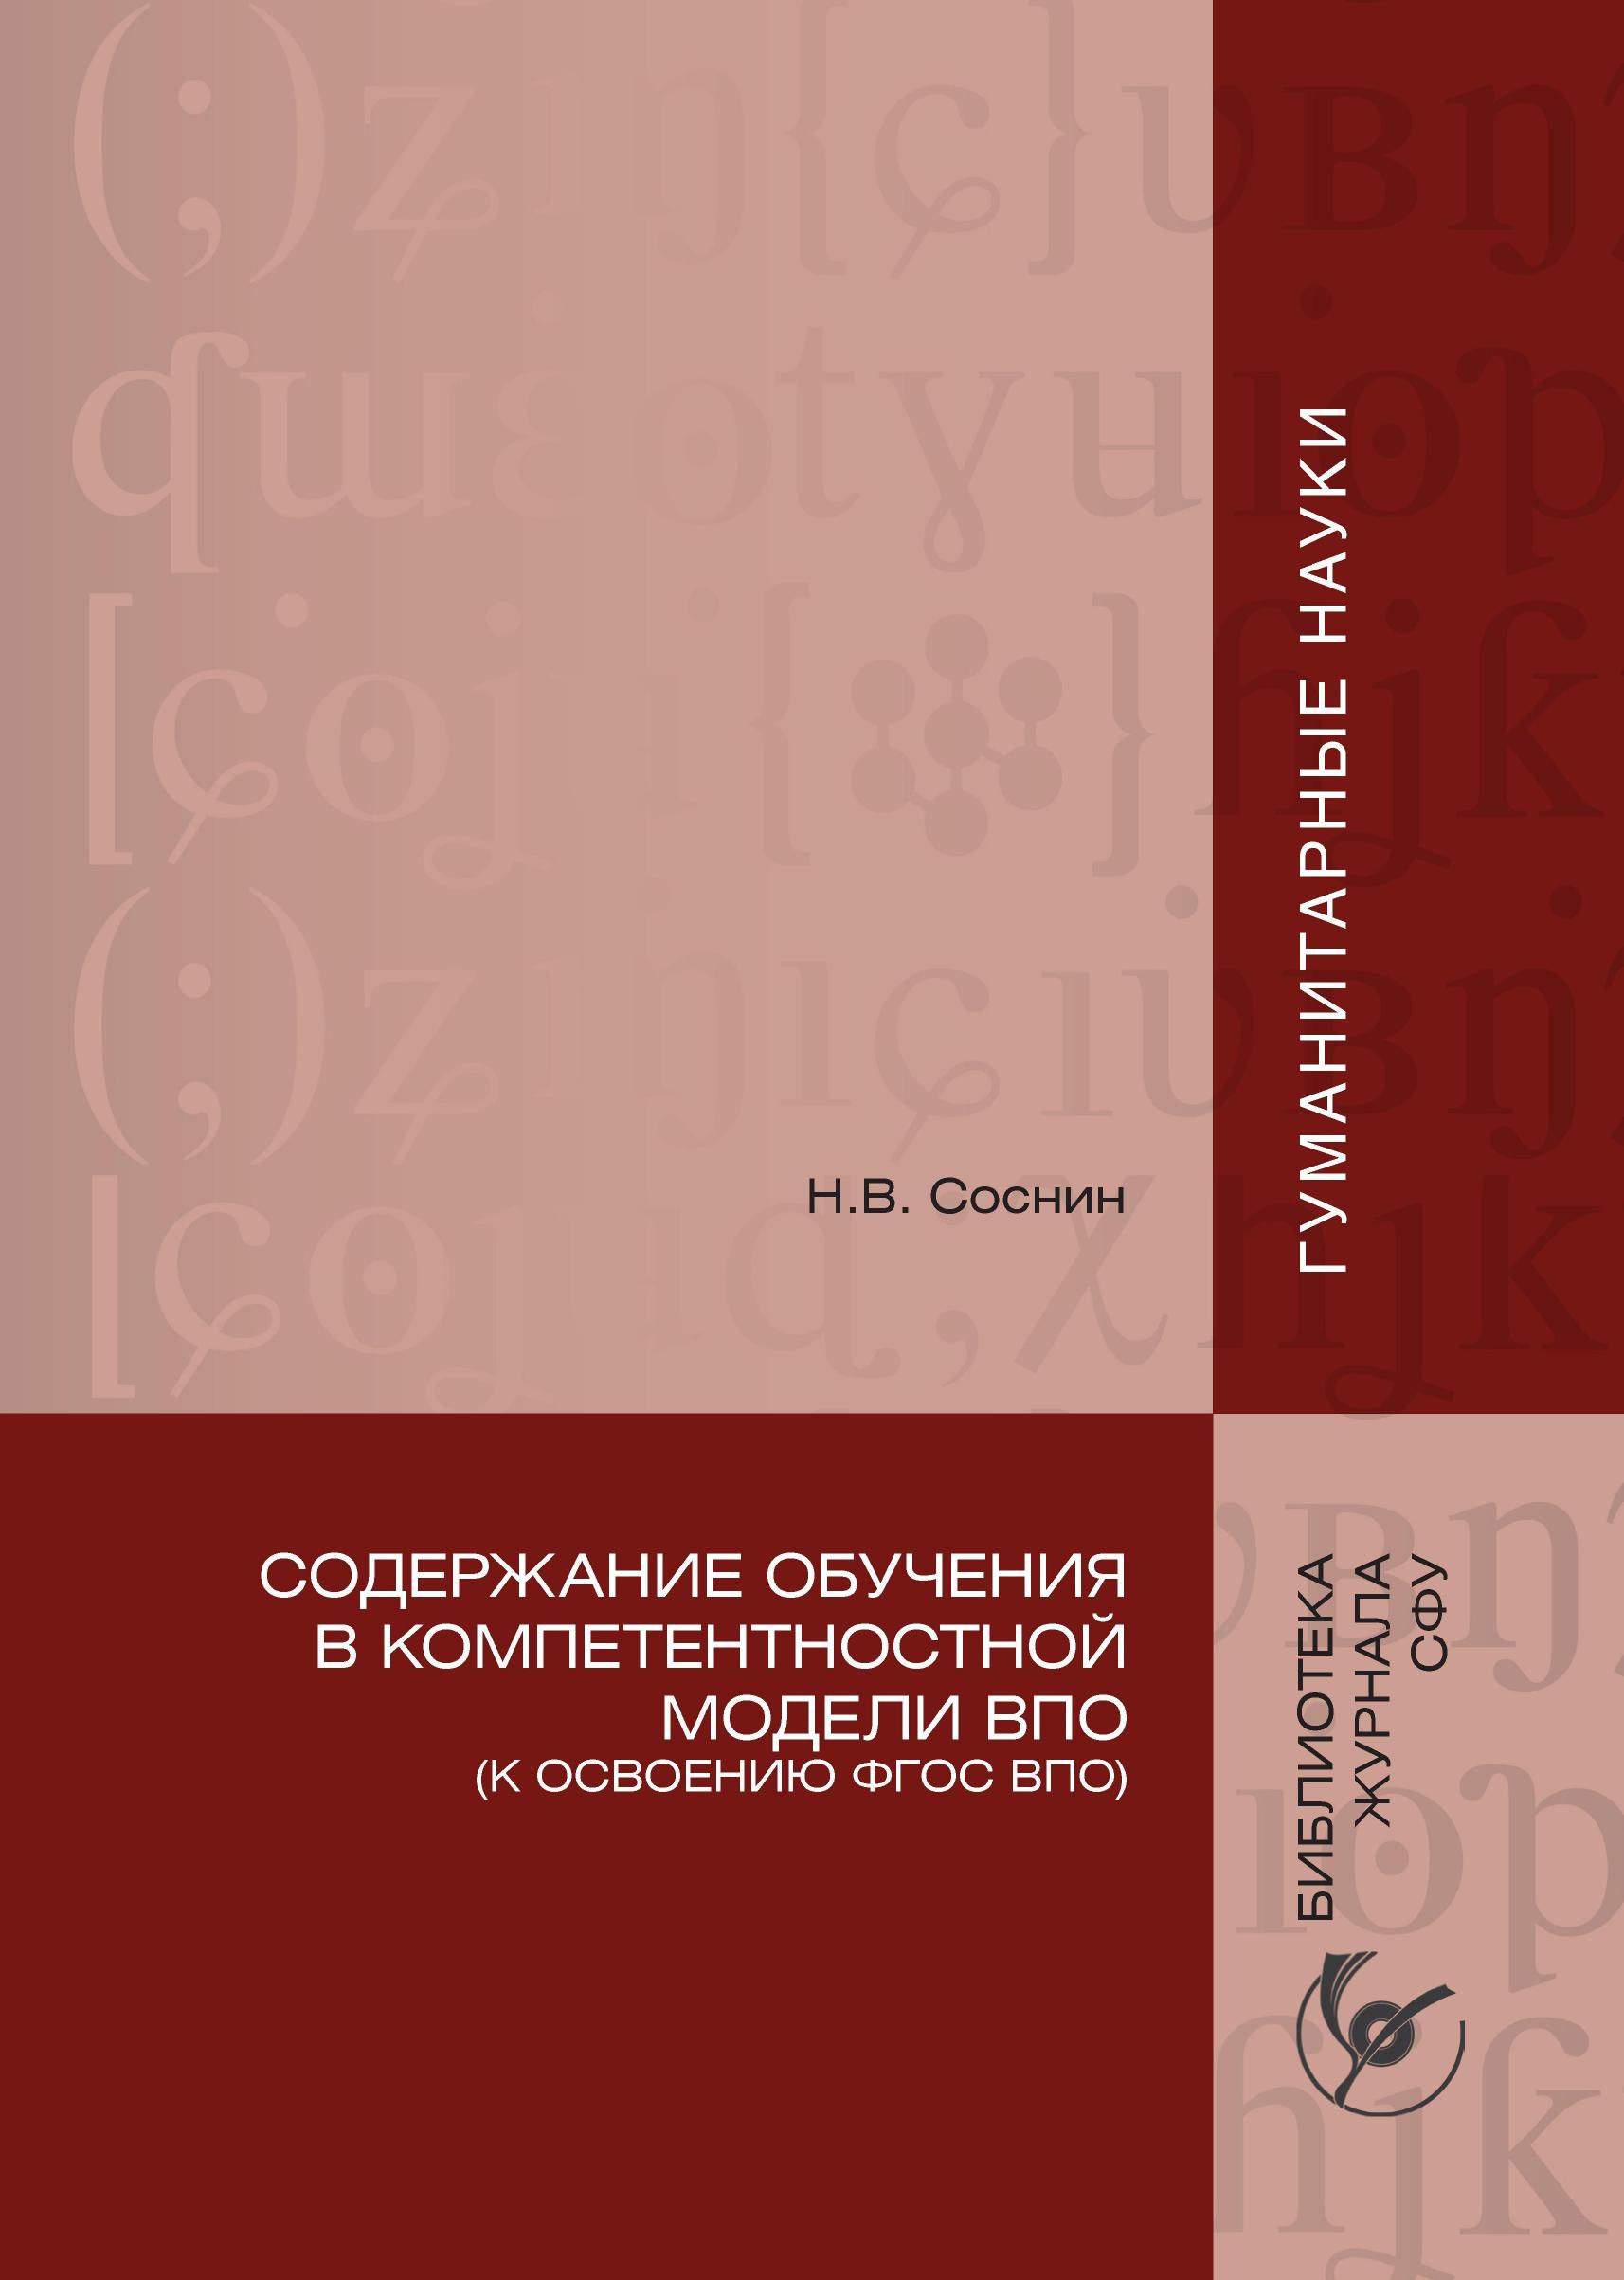 Николай Соснин Содержание обучения в компетентностной модели ВПО (К освоению ФГОС ВПО) цена и фото